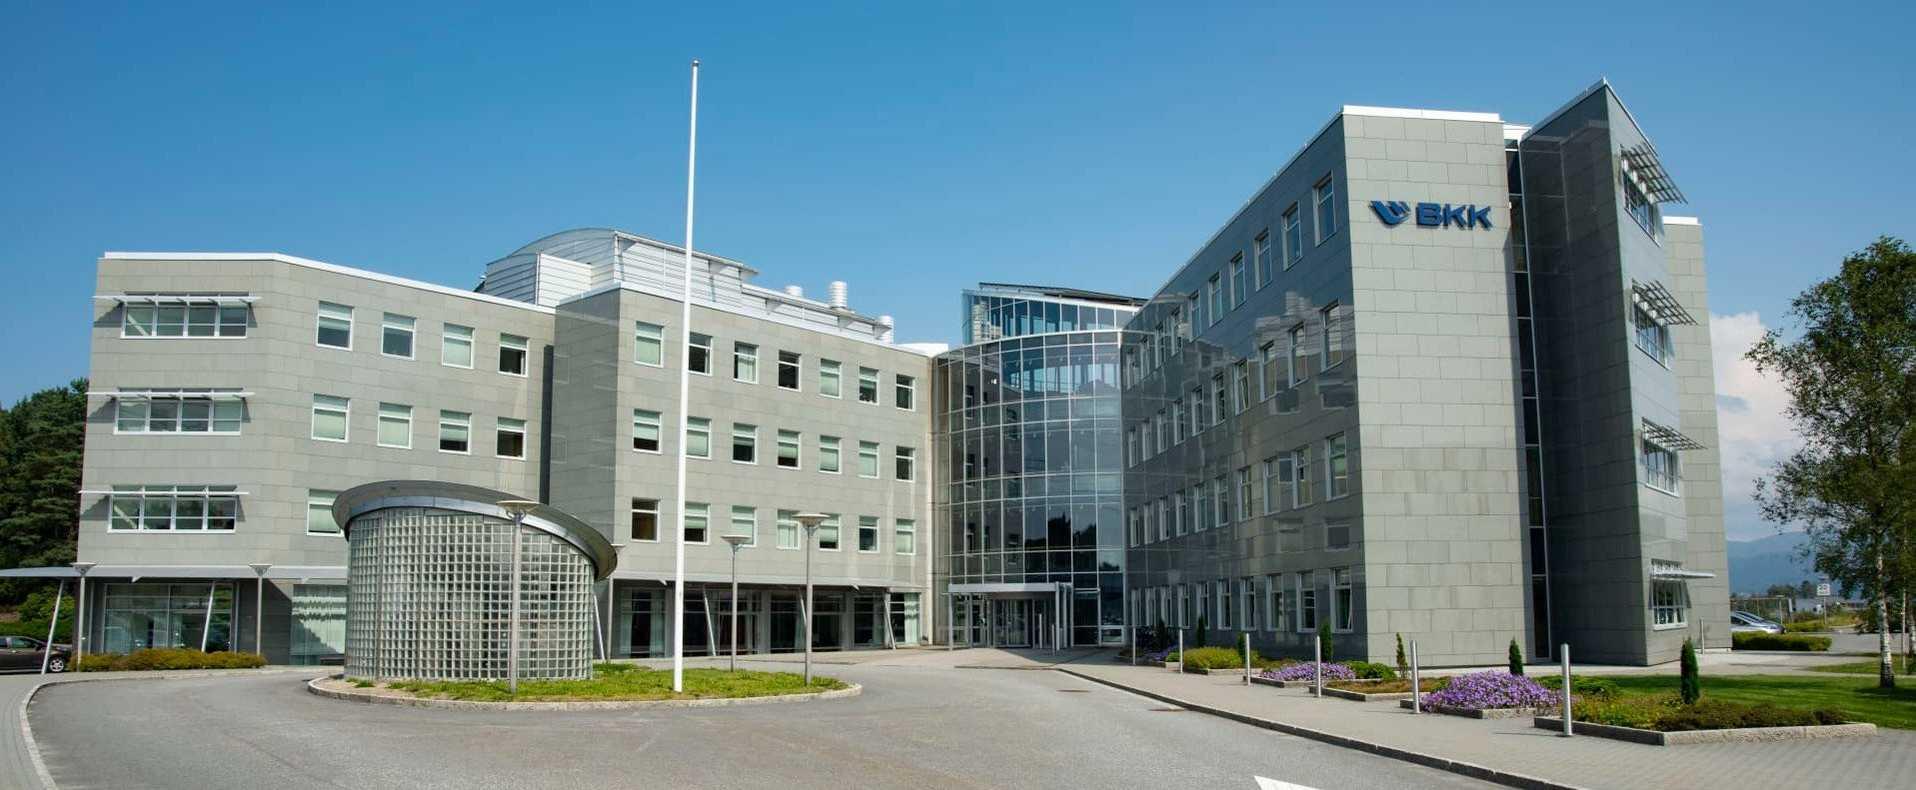 Frydenbø Eiendom invests in property at Kokstad